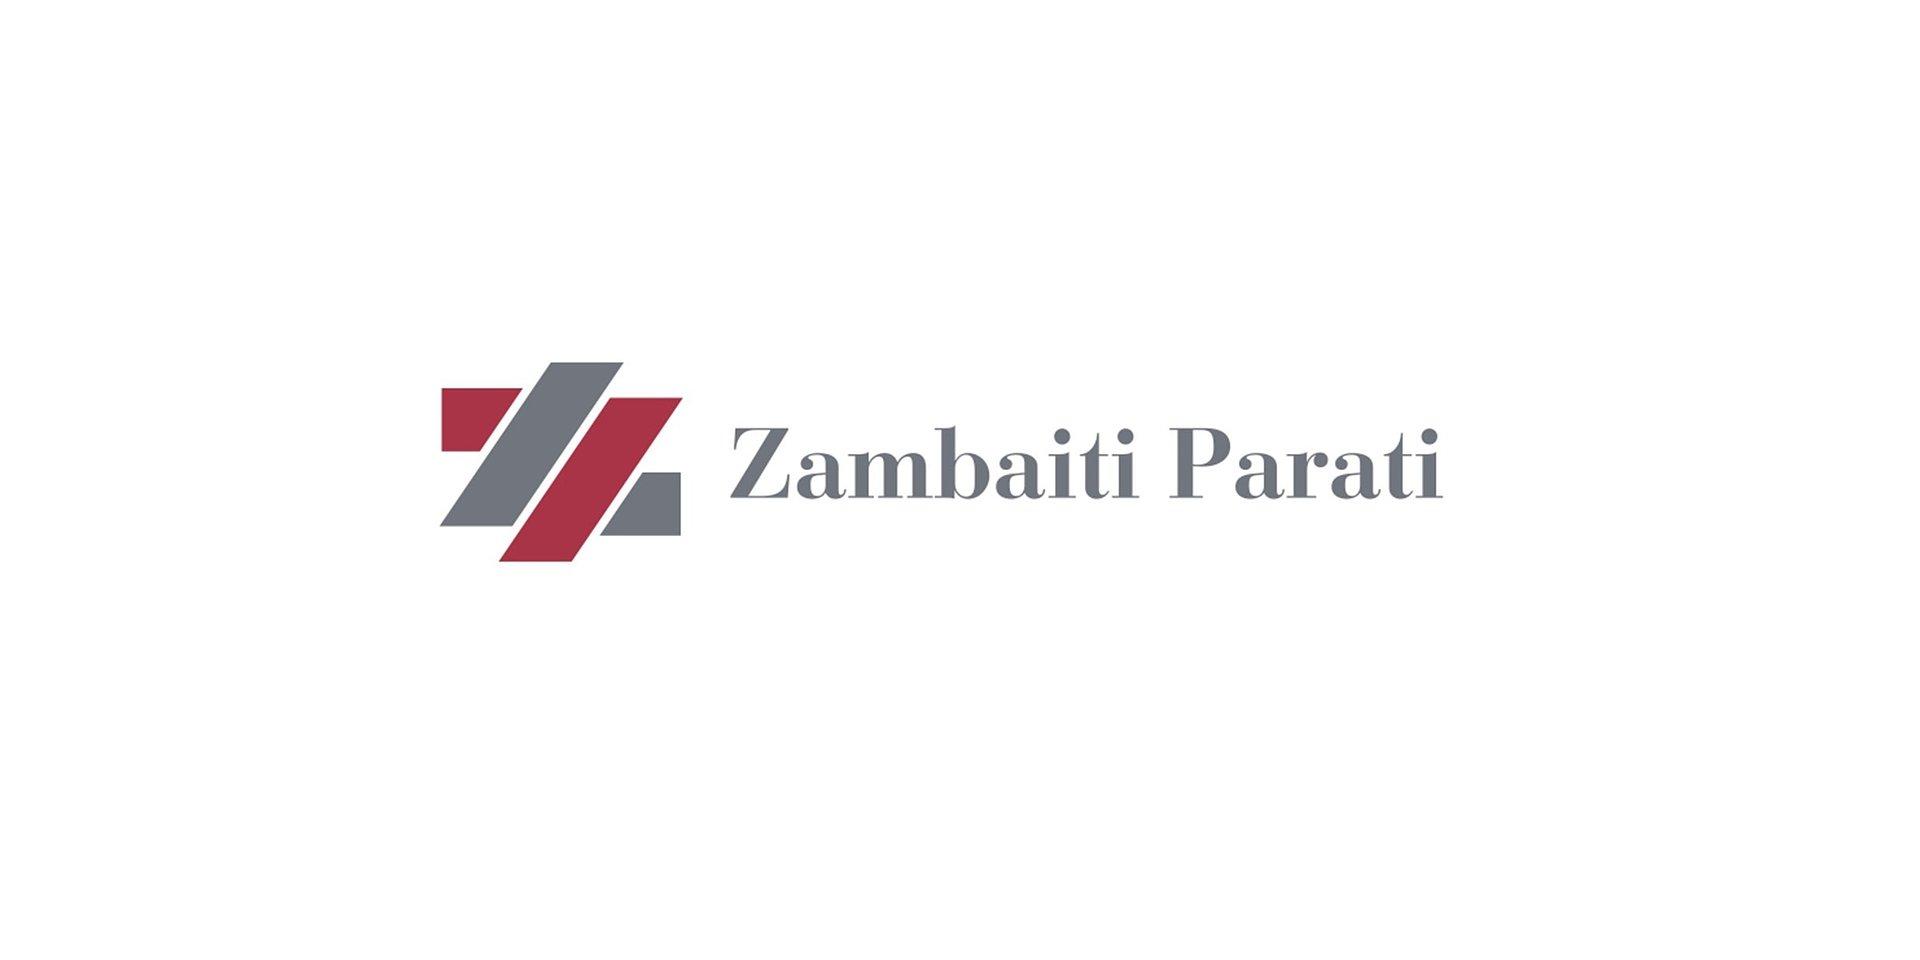 Zambaiti Parati: una storia italiana tra tradizione e innovazione